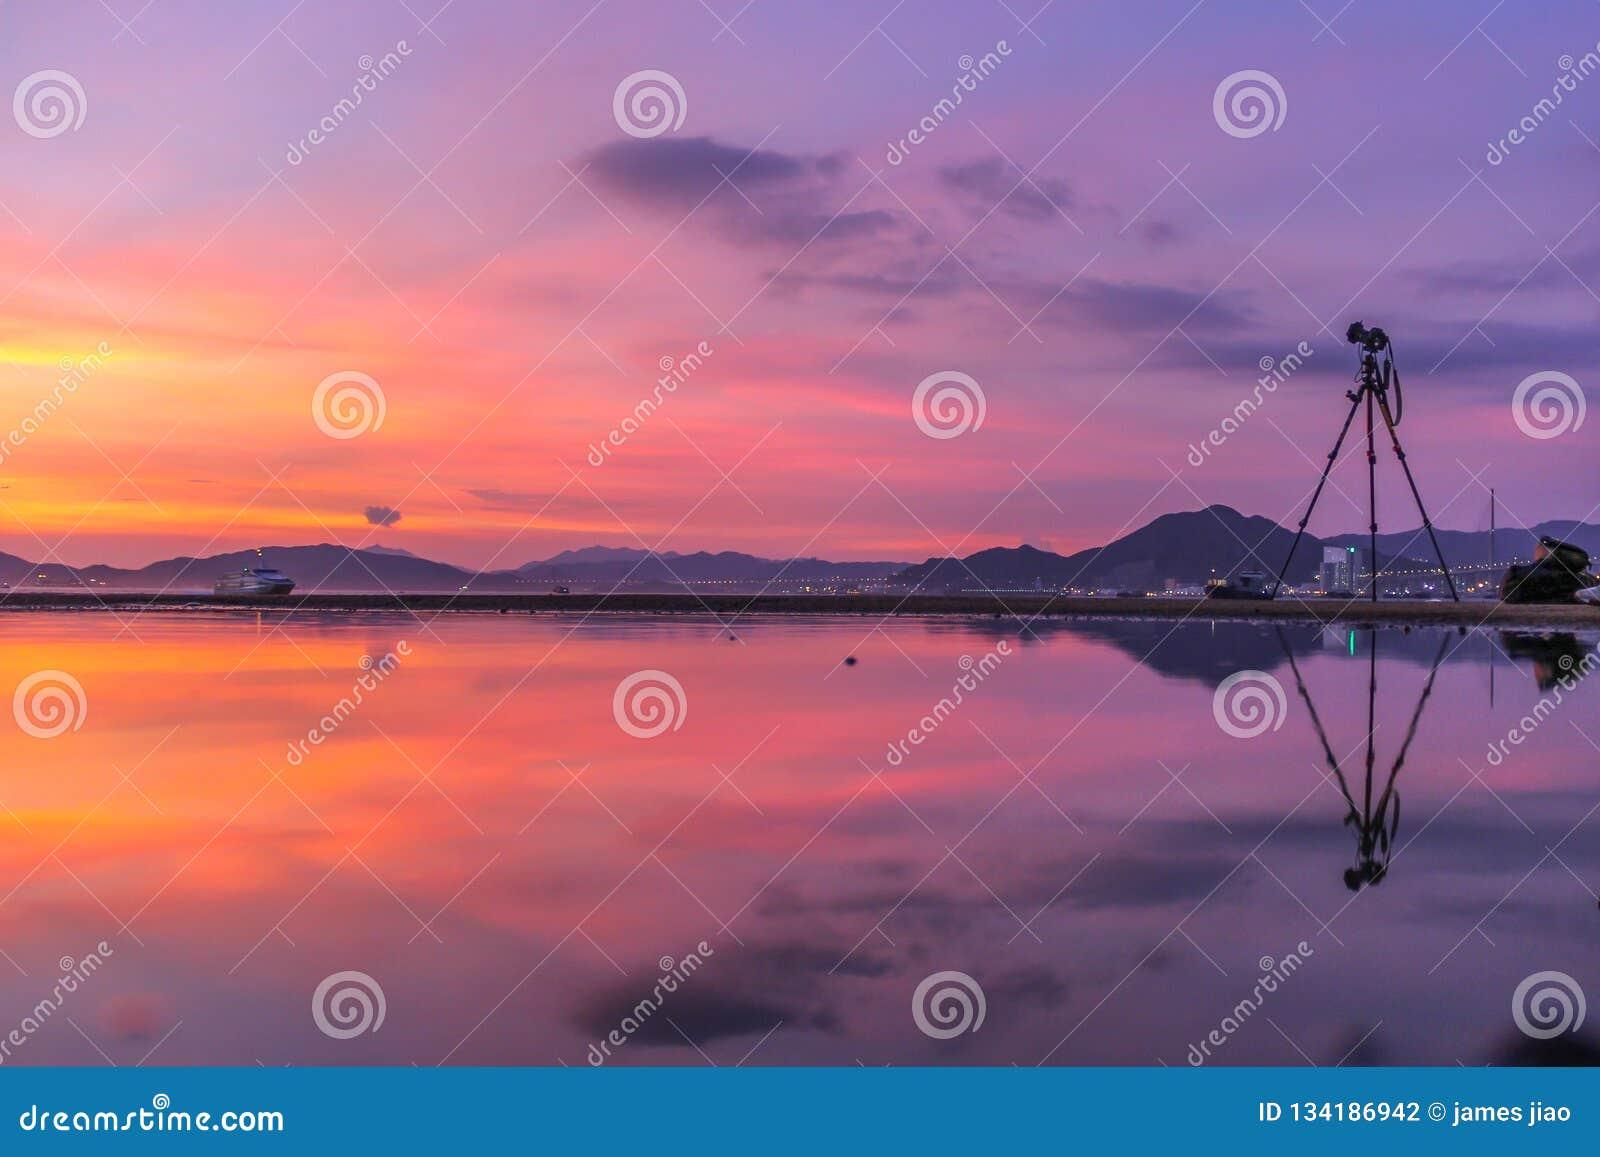 Openbare Ladingsveerboot, Kennedy Town, Hong Kong: één van de weinig beste plaatsen voor het nemen van zonsondergangfoto s met be